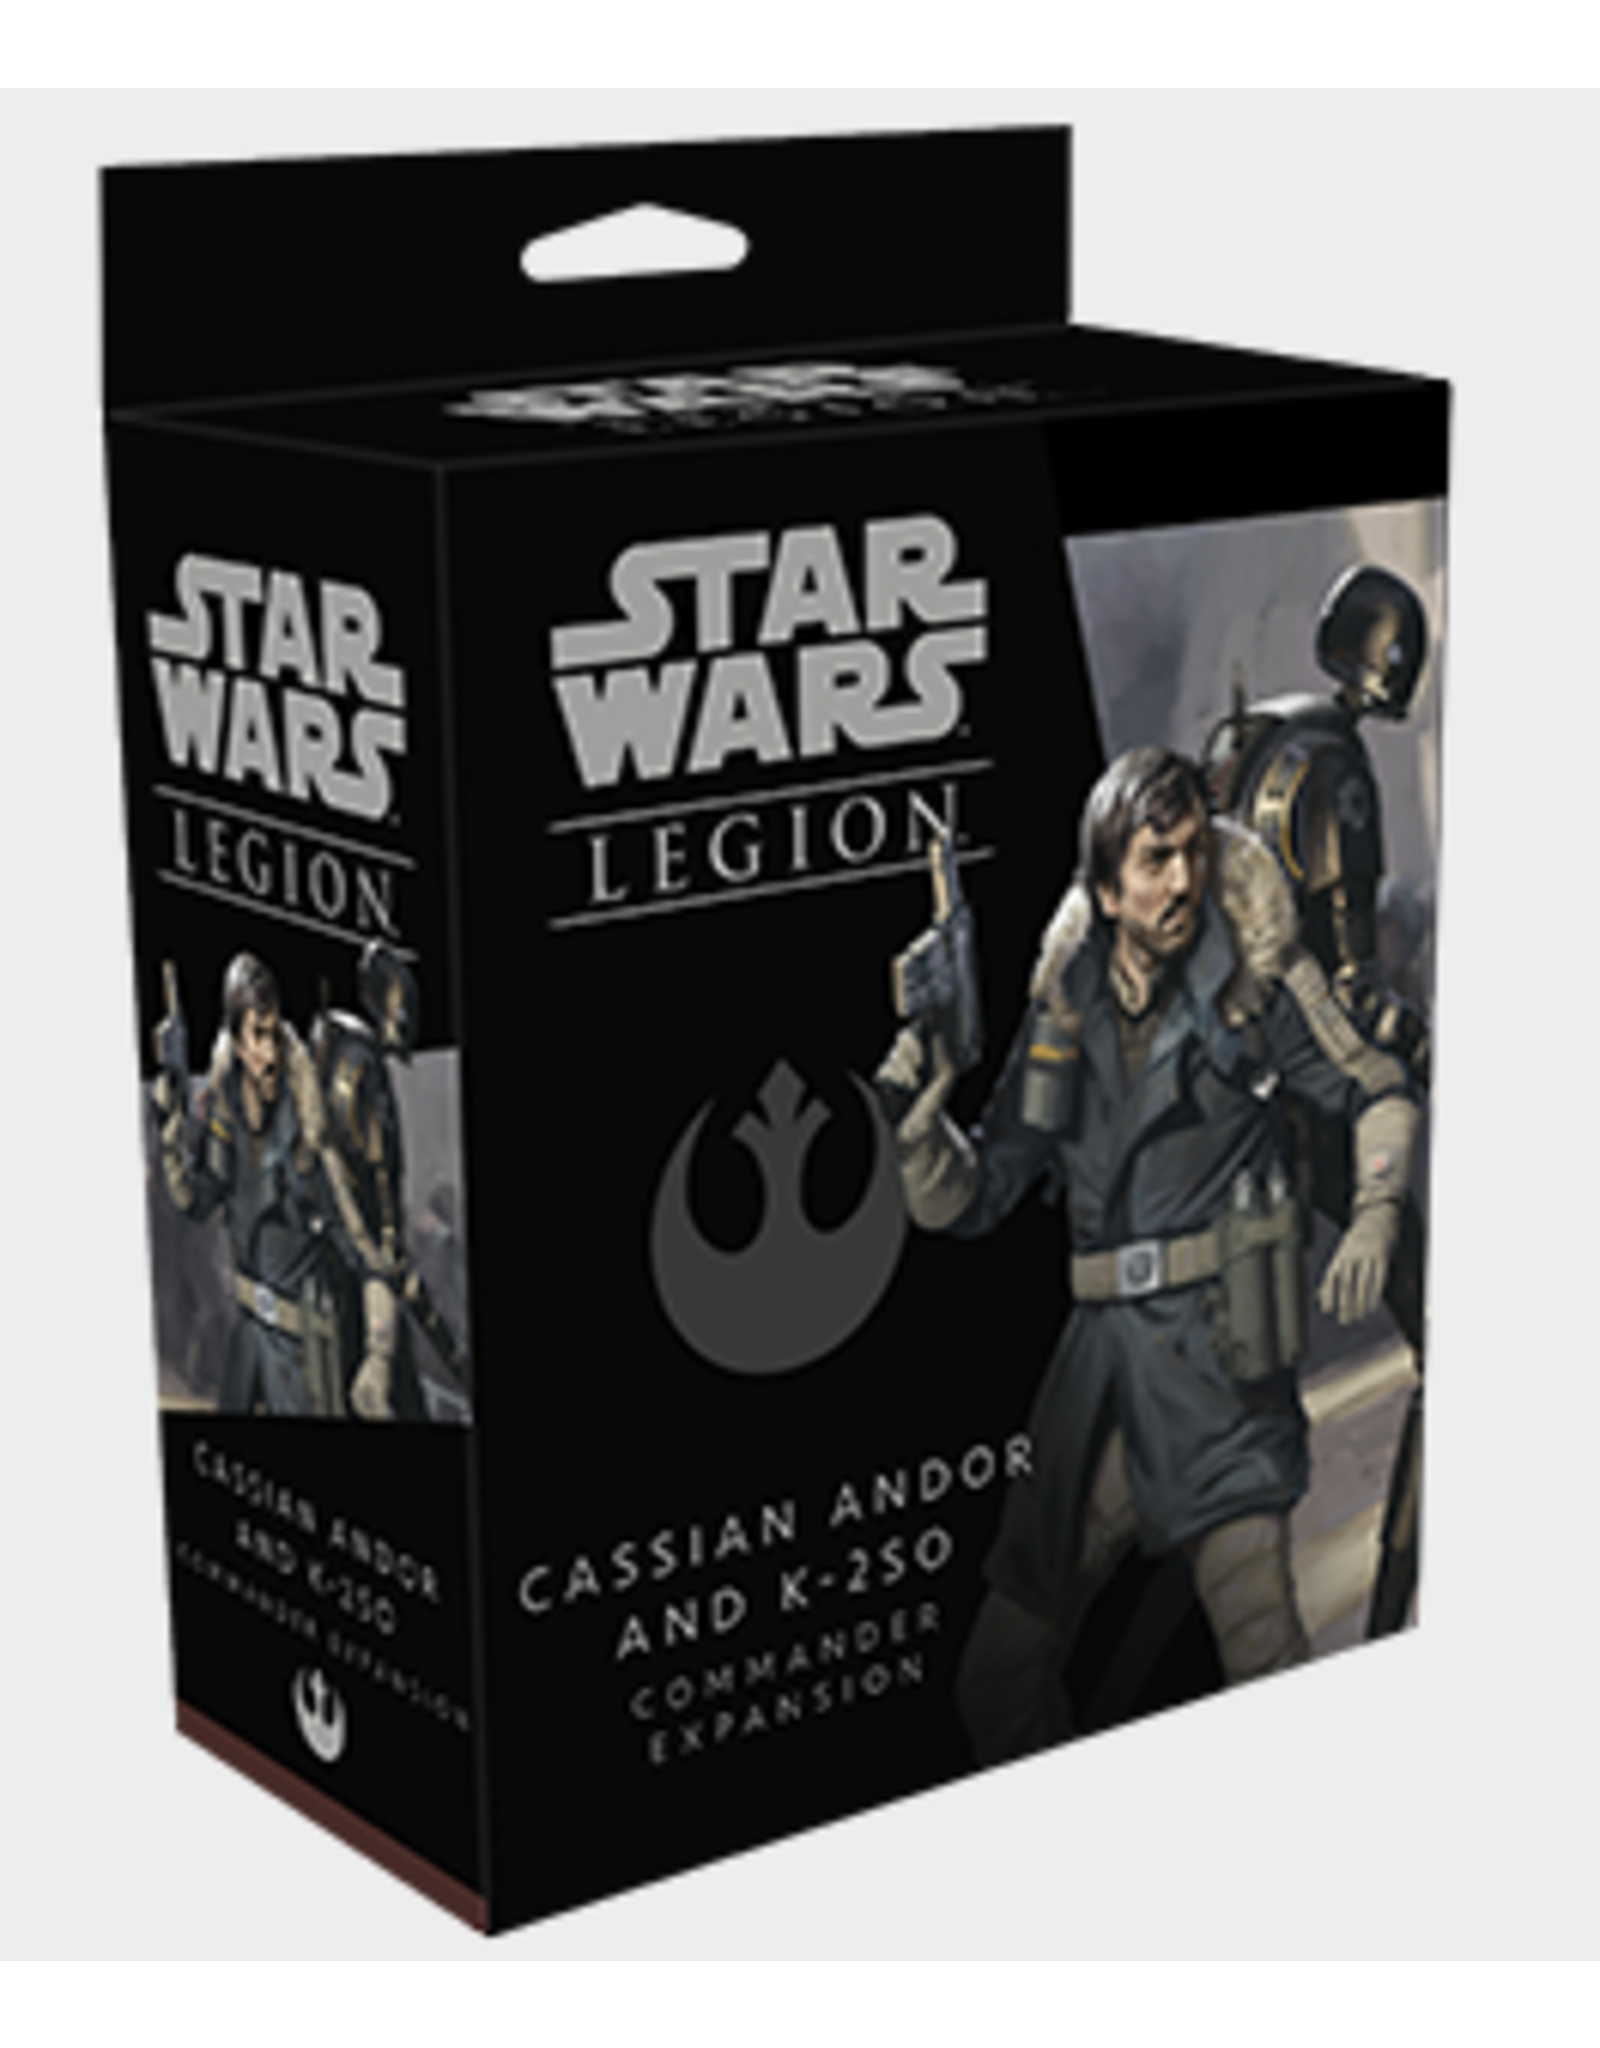 Fantasy Flight Games Star Wars: Legion - Cassian Andor and K-2SO Commander Expansion